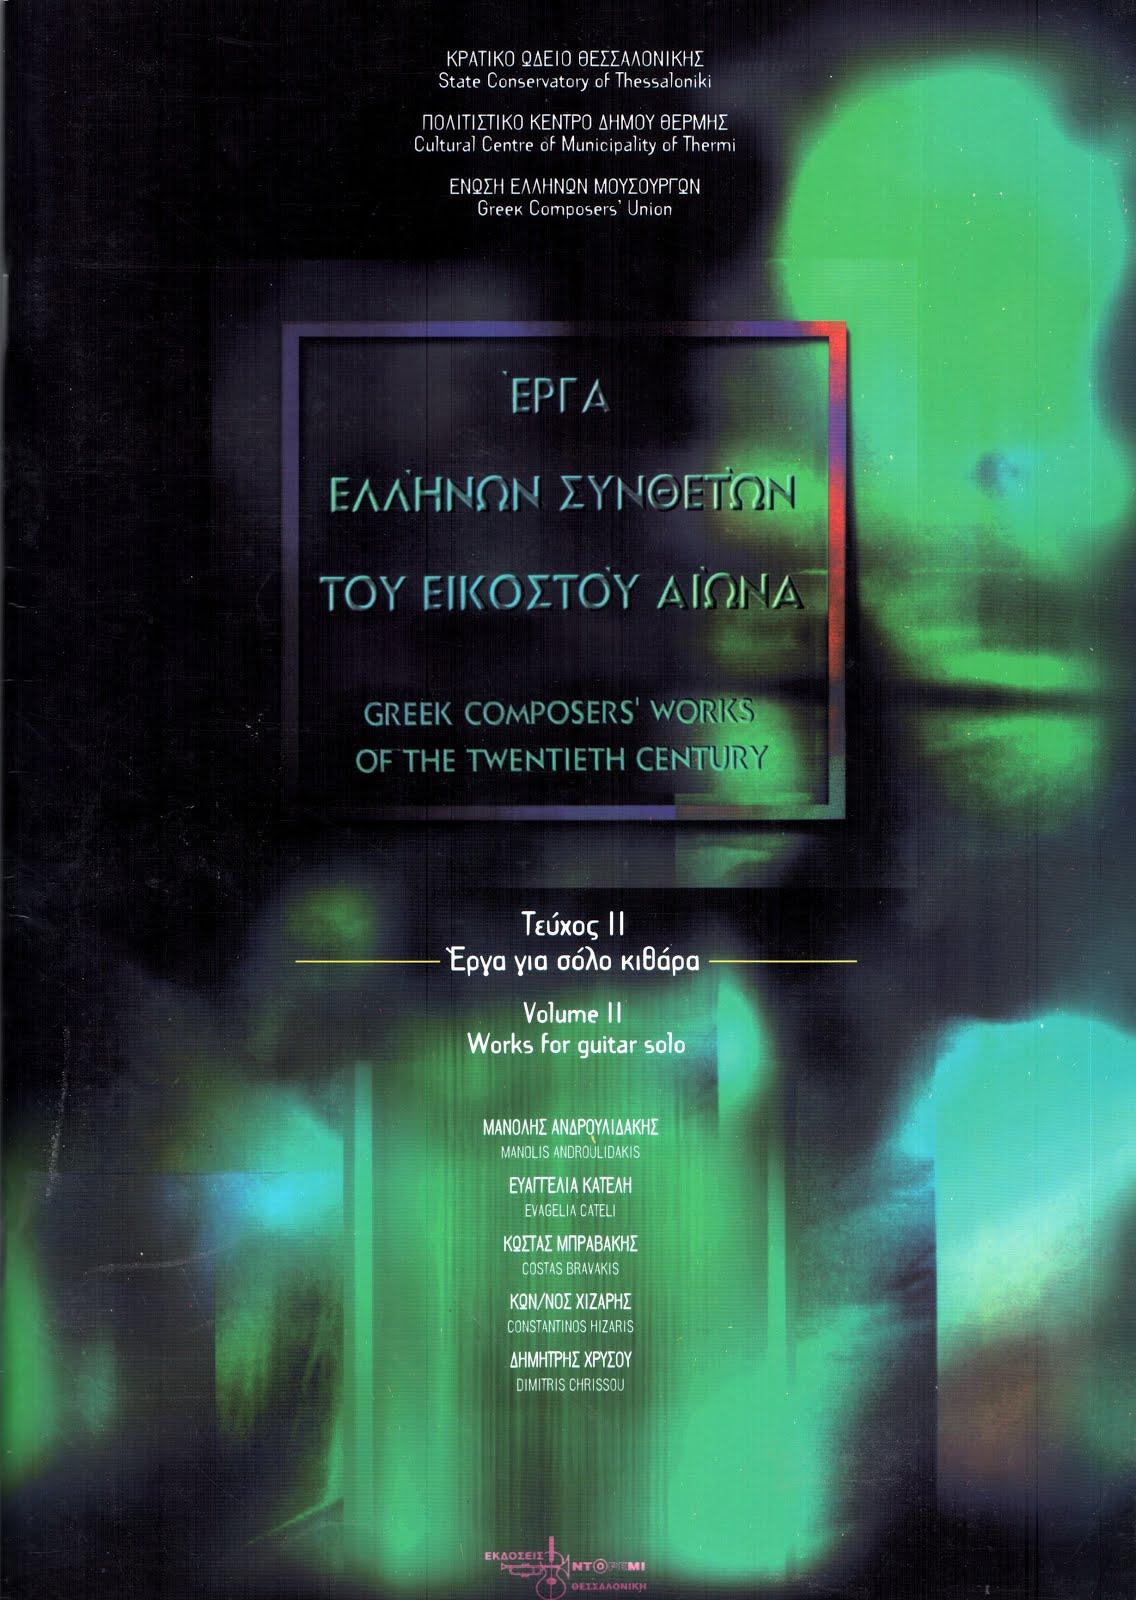 συλλογη εργων ελληνων συνθετων για κιθαρα